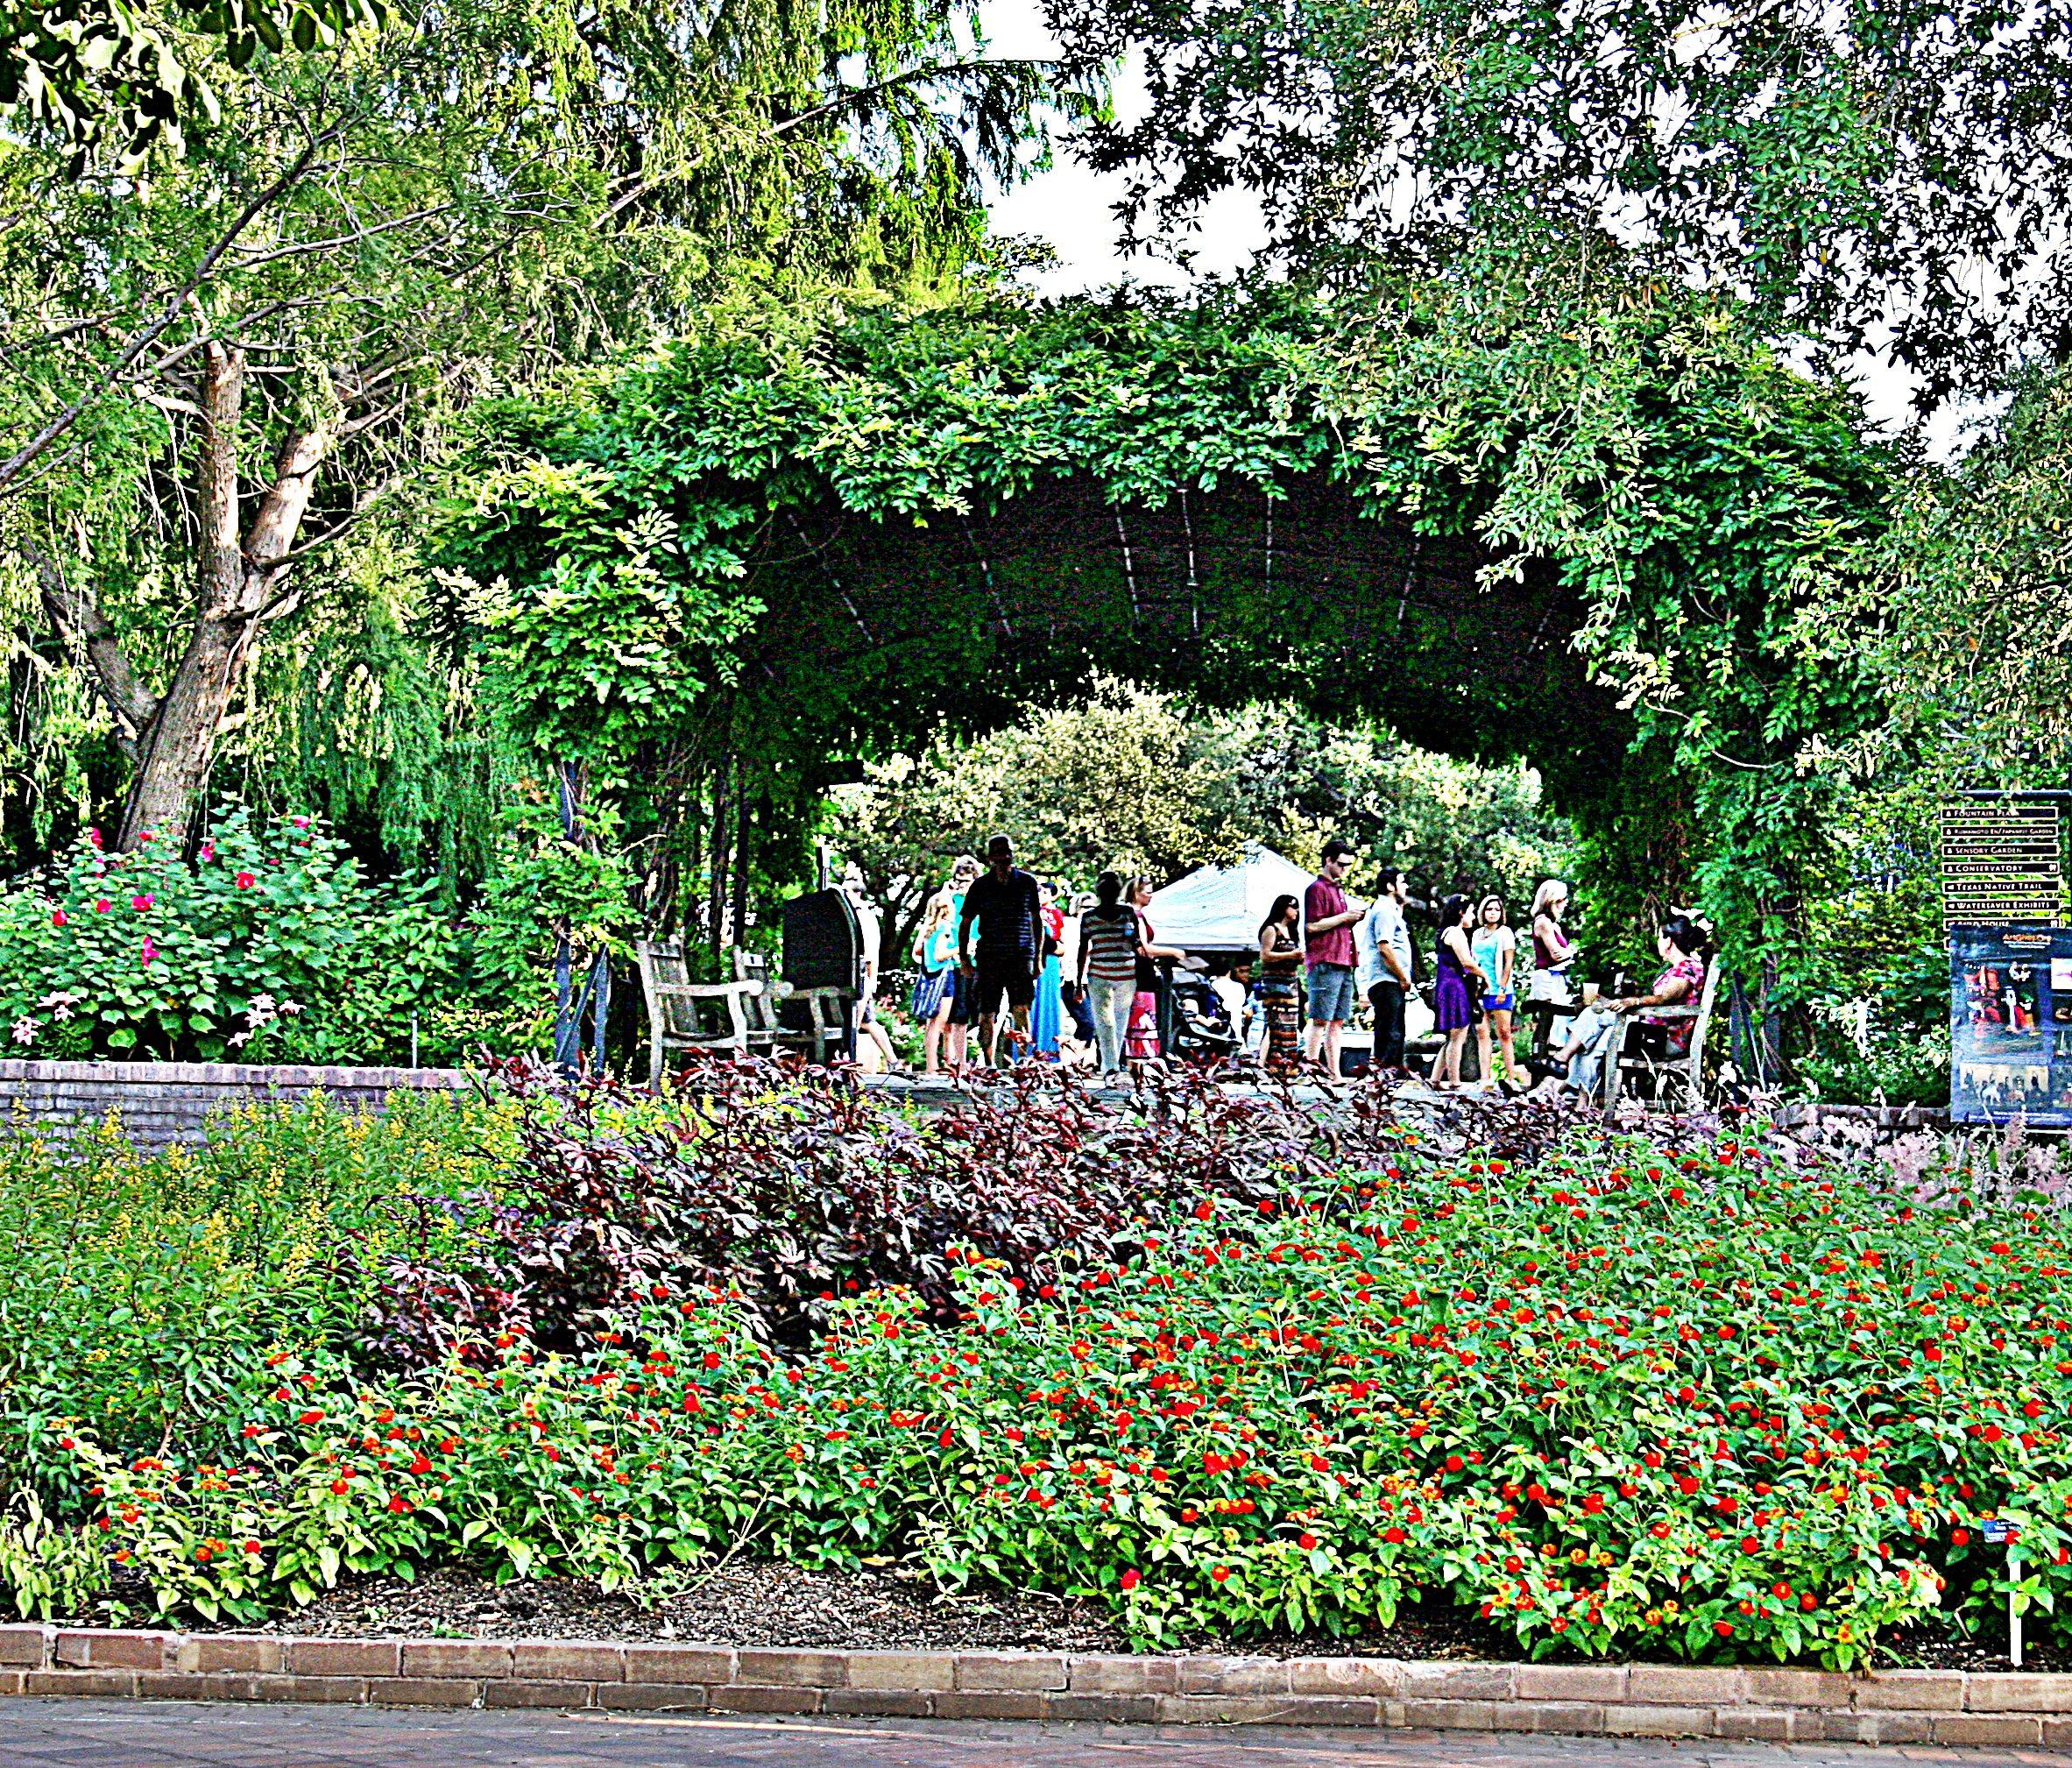 Wisteria Arbor At San Antonio Botanical Gardens